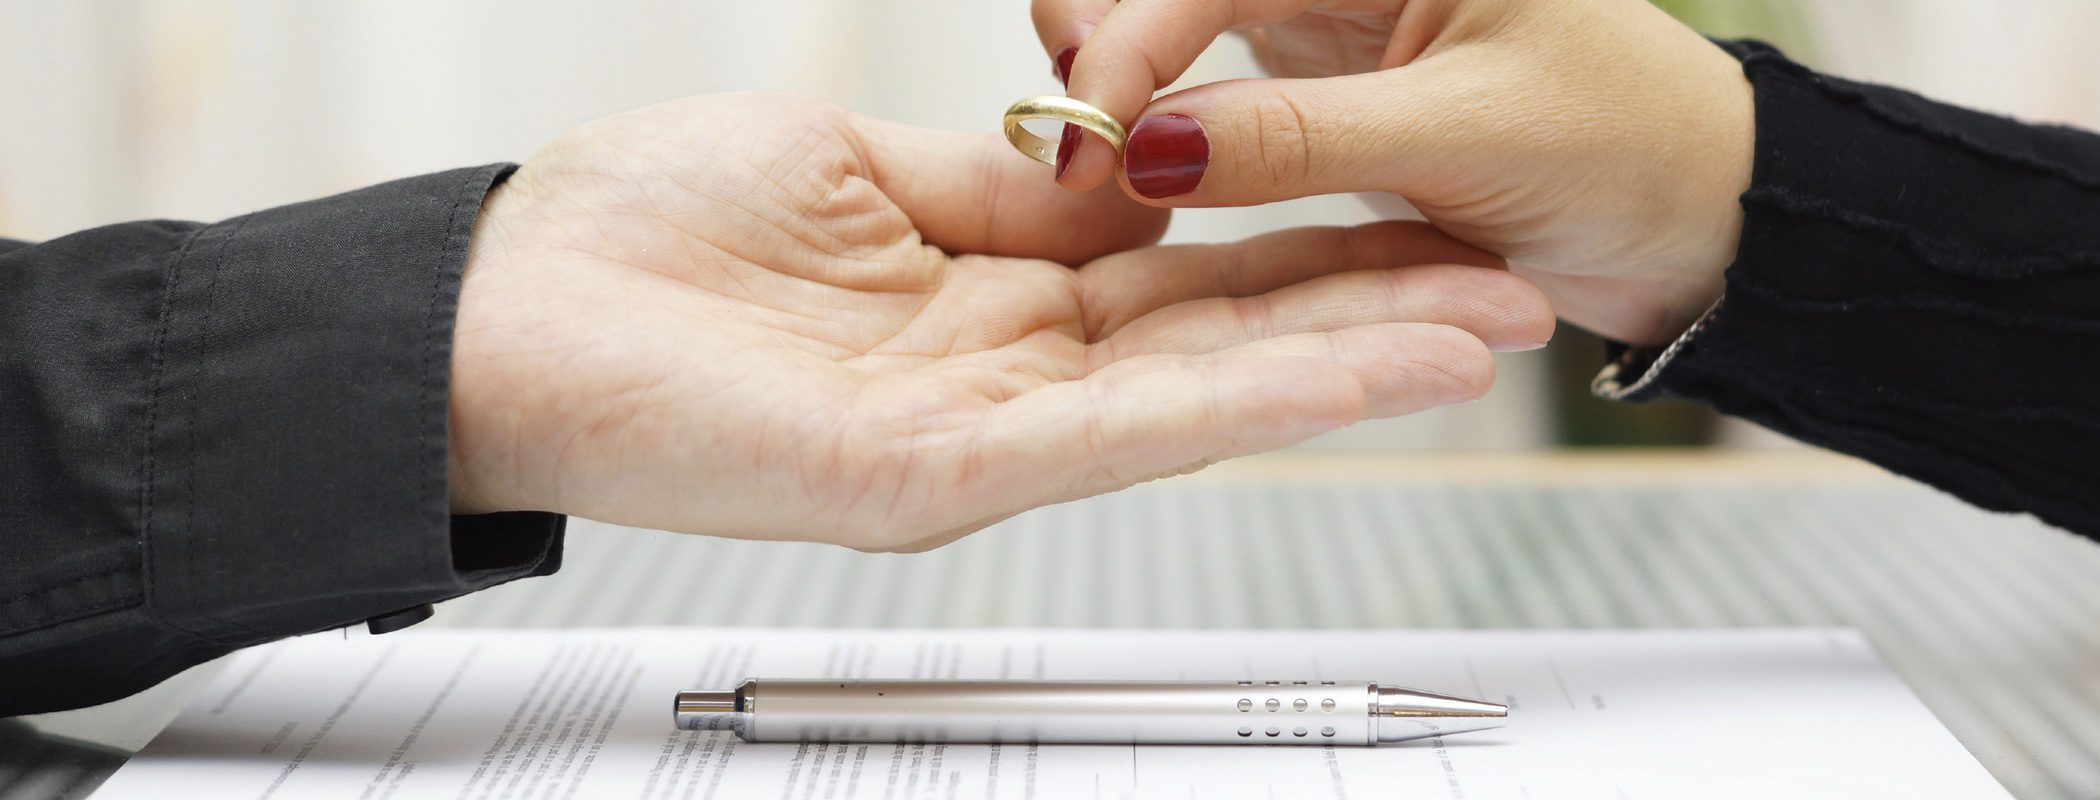 Trámites legales de la separación y el divorcio